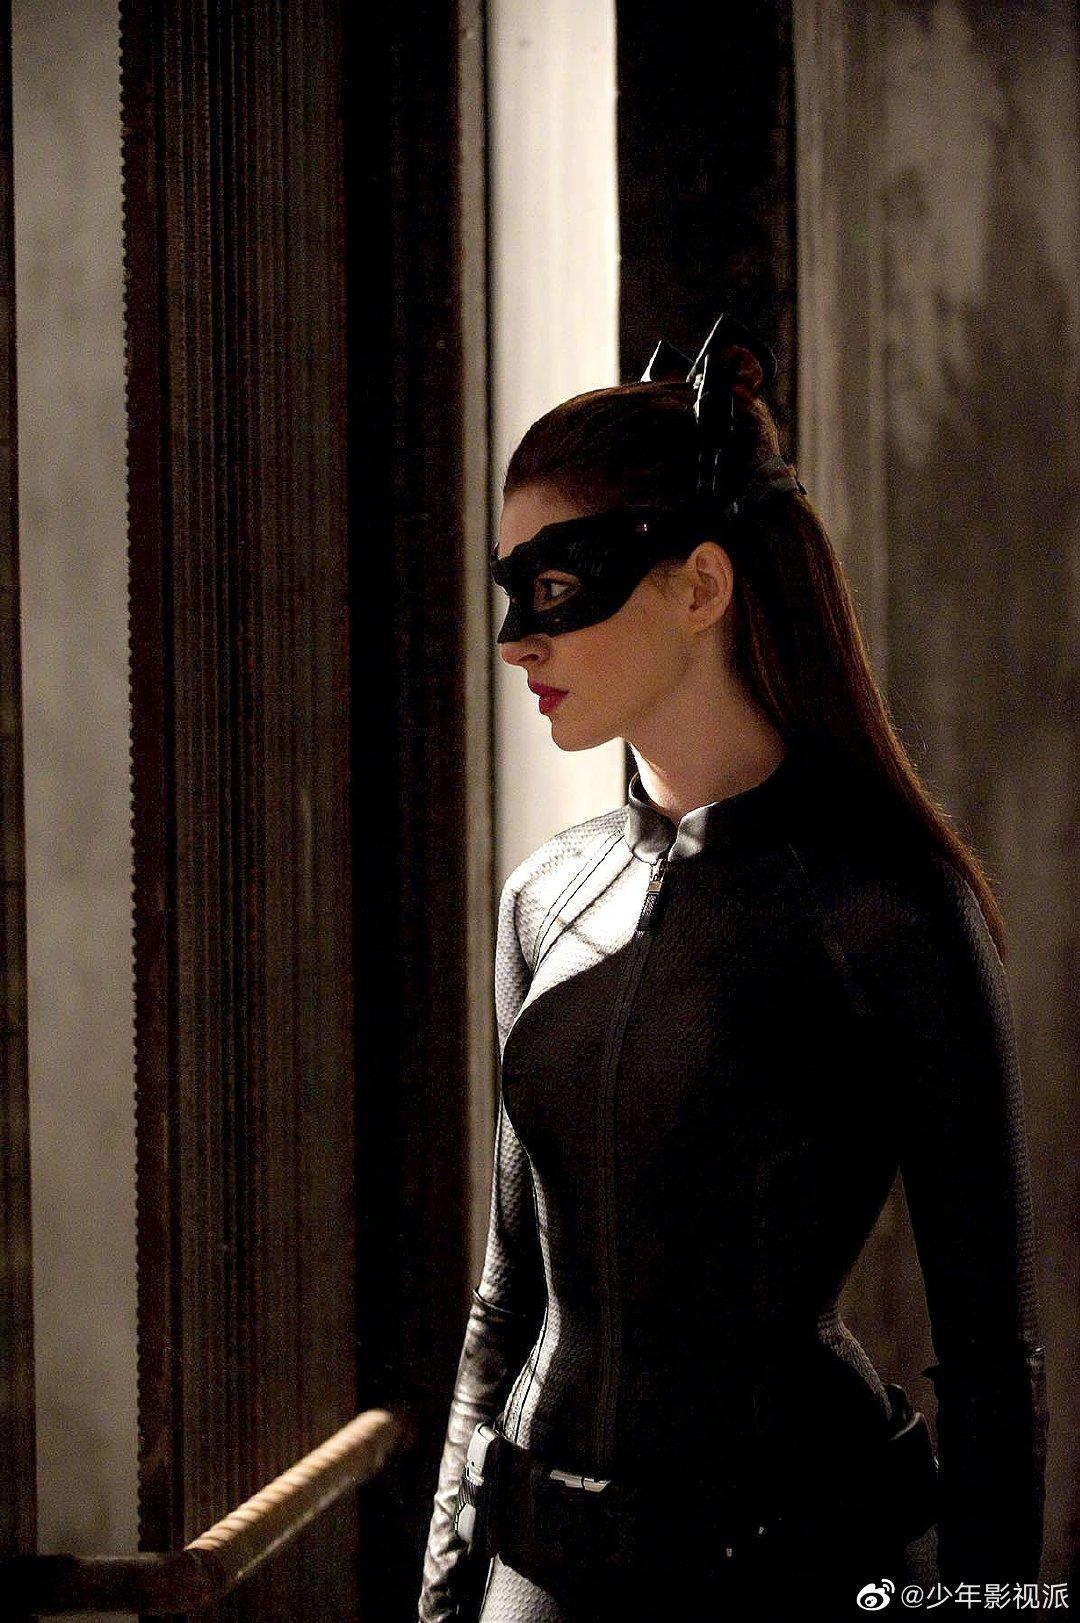 安妮·海瑟薇讲述跟克里斯托弗·诺兰拍《蝙蝠侠》系列共事的经历